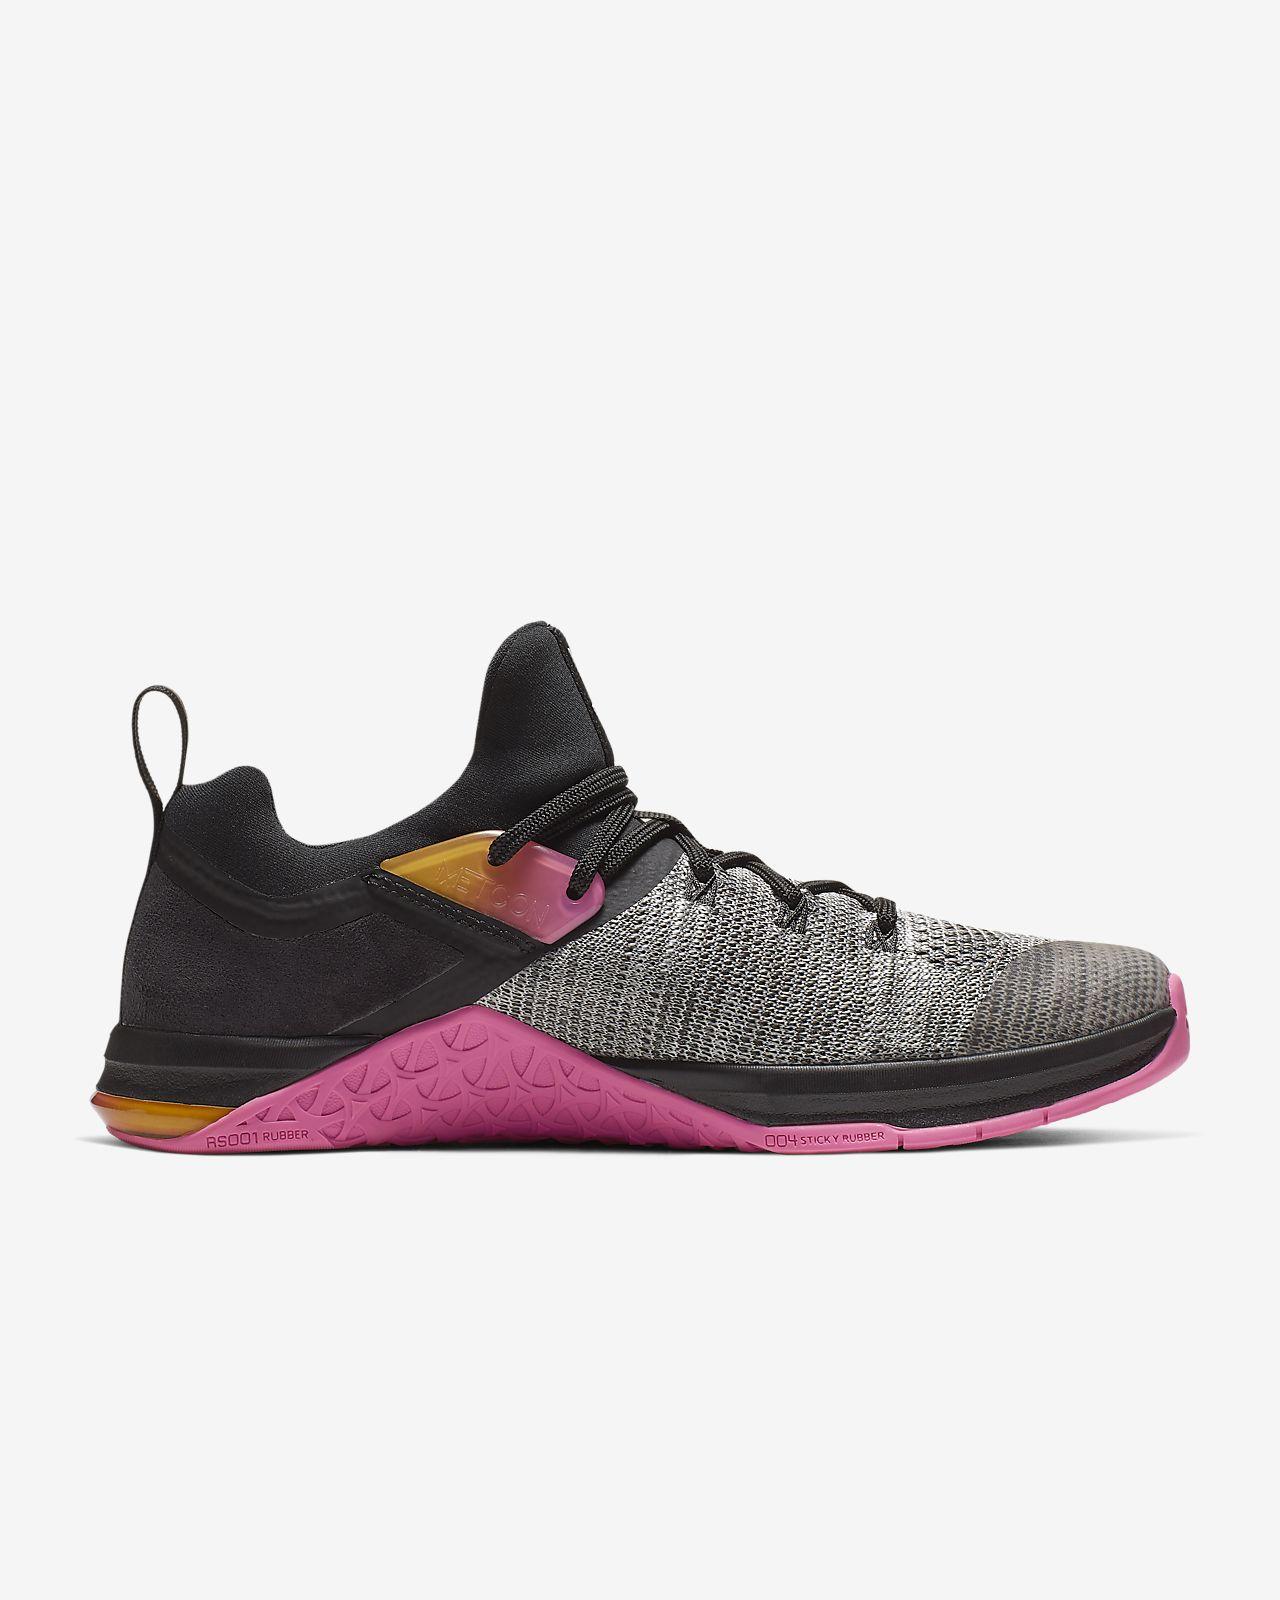 4d21fb59aaba Nike Metcon Flyknit 3 Women s Cross-Training Weightlifting Shoe ...